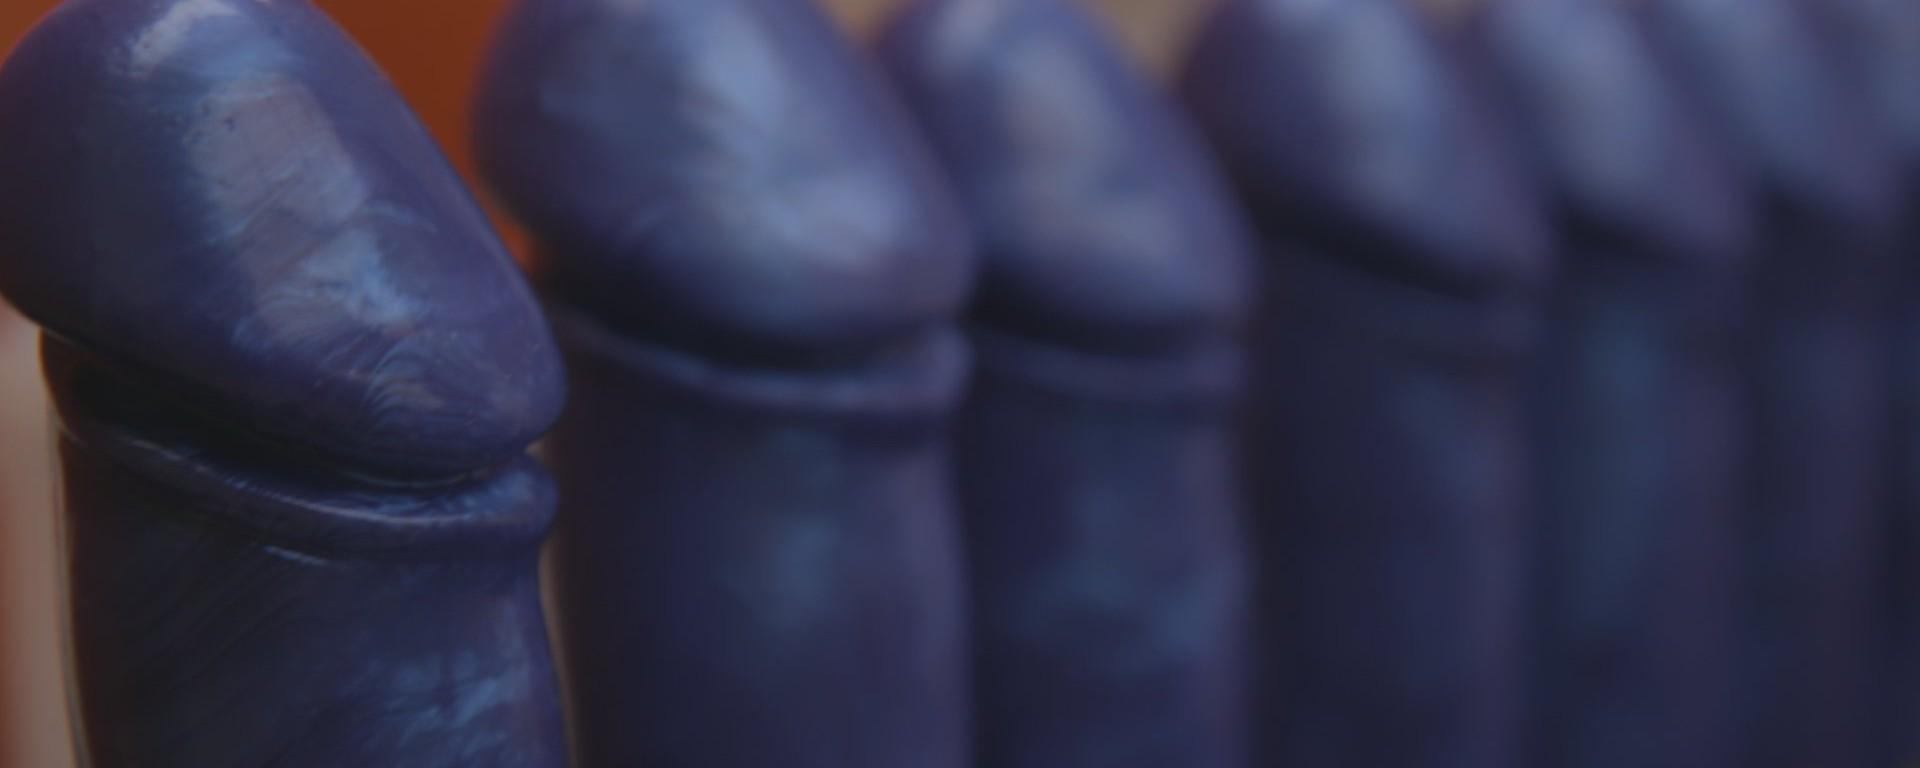 dacă penisul stă întotdeauna în picioare